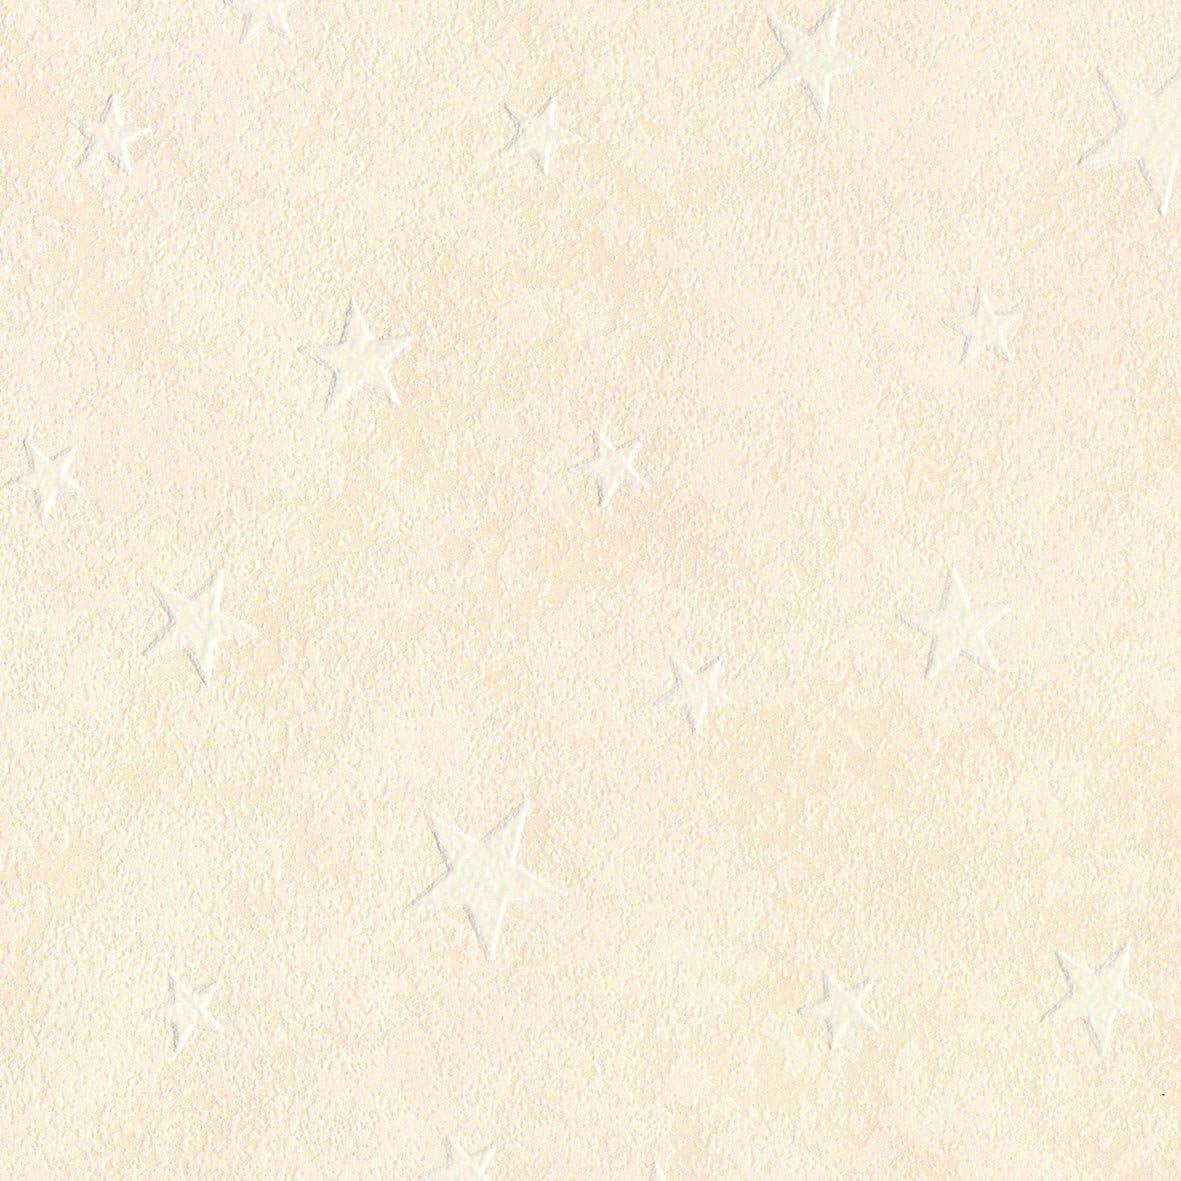 Amazon リリカラ 壁紙10m カジュアル キャラクター ベージュ Casual